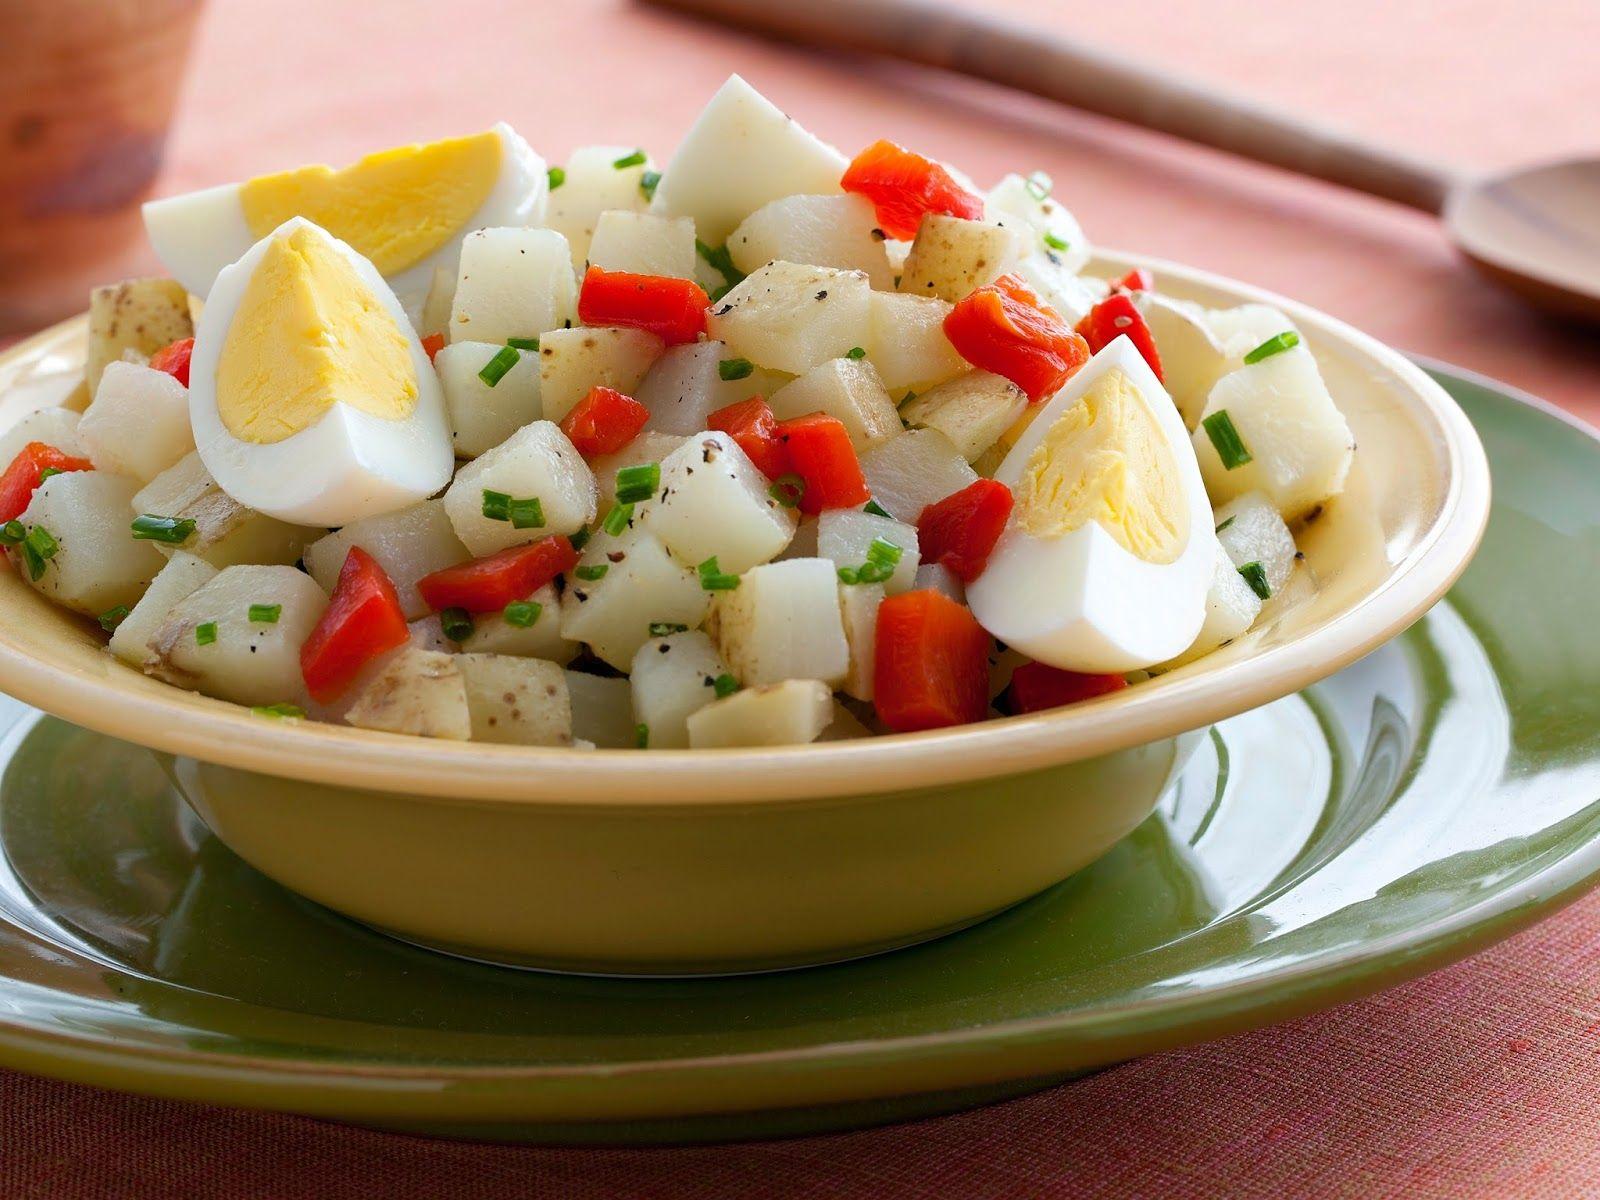 recipes magazine: Potato-Egg Salad